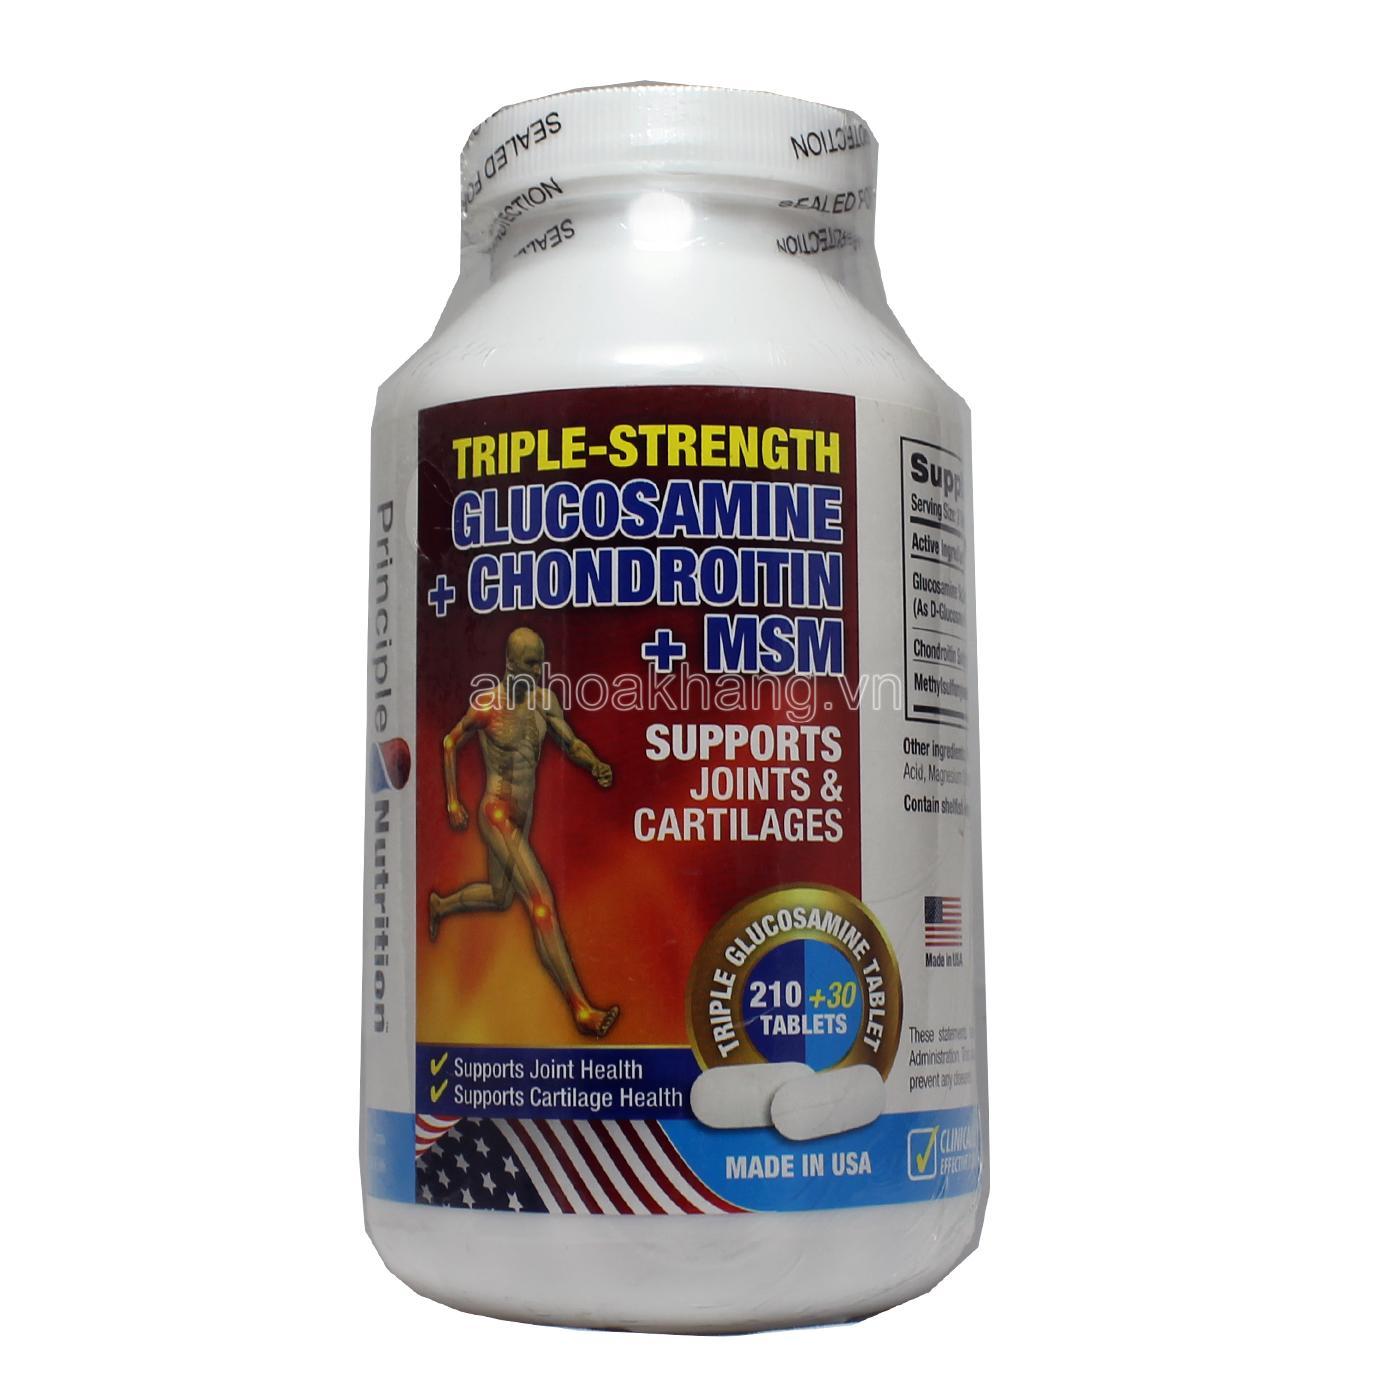 Viên hỗ trợ và phục hồi chức năng xương khớp - Principle Nutrition Triple-Strength Glucosamine + Chondroitin + MSM